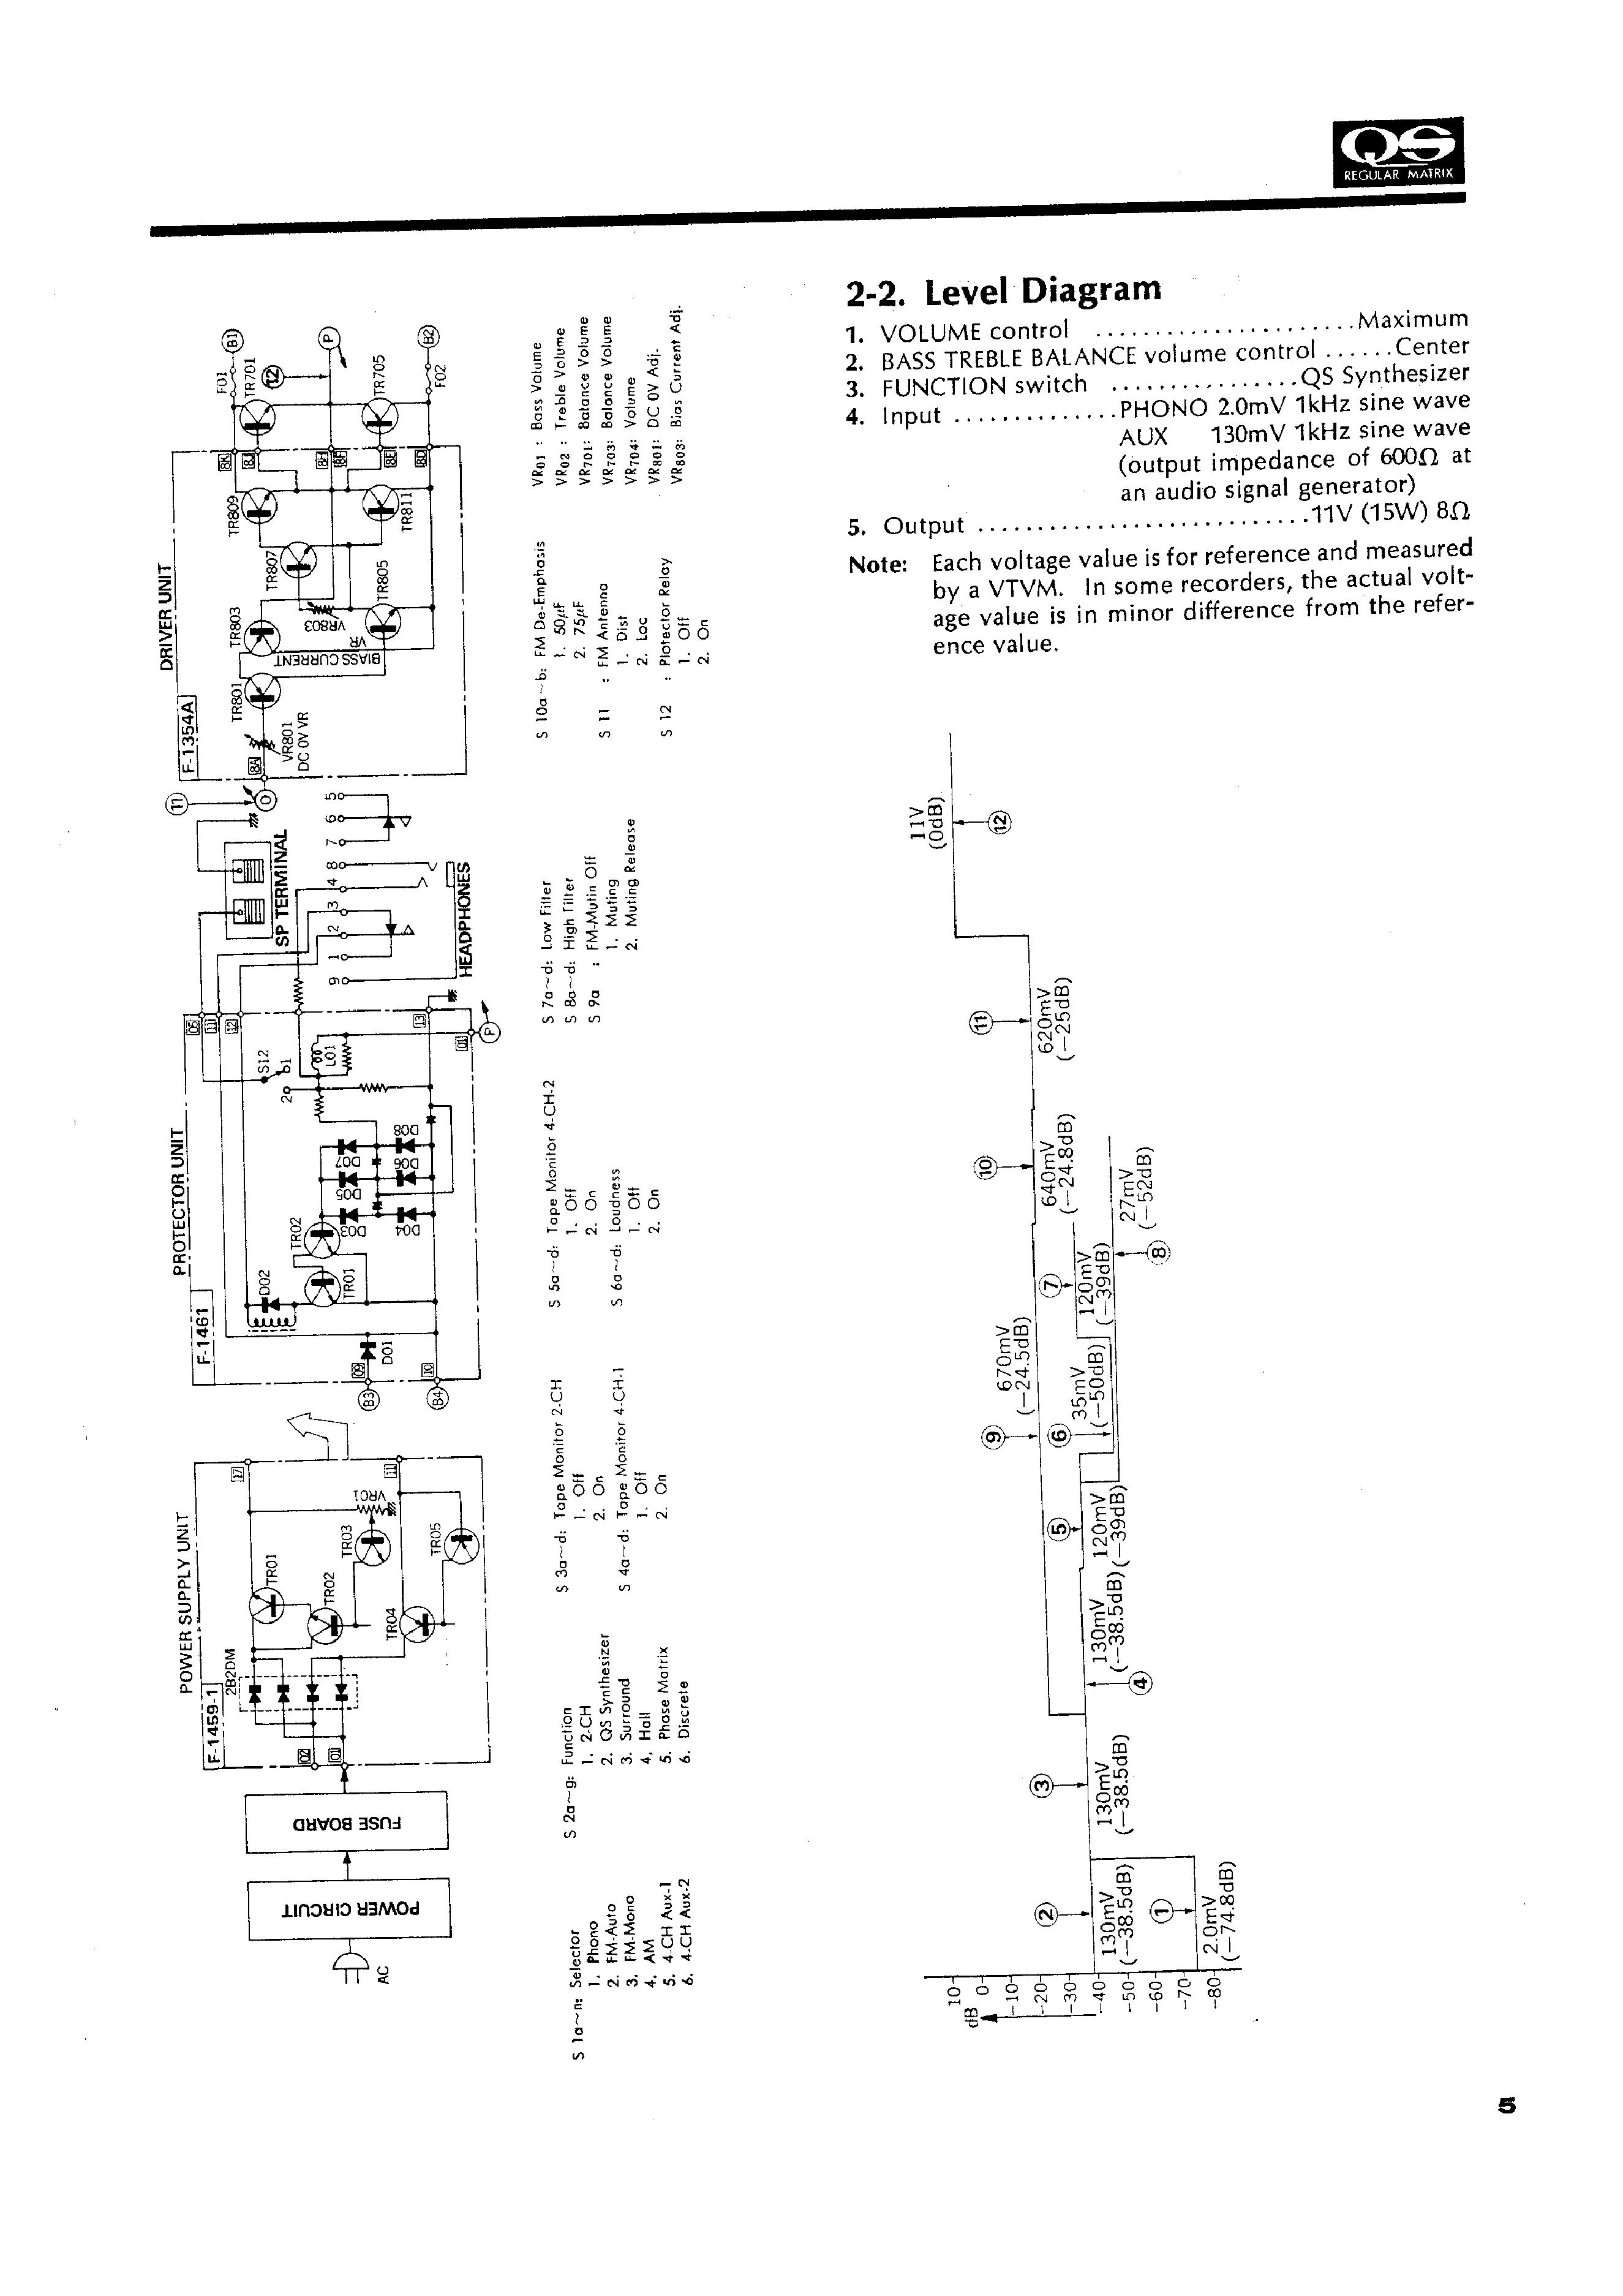 service manual for sansui qrx-3500